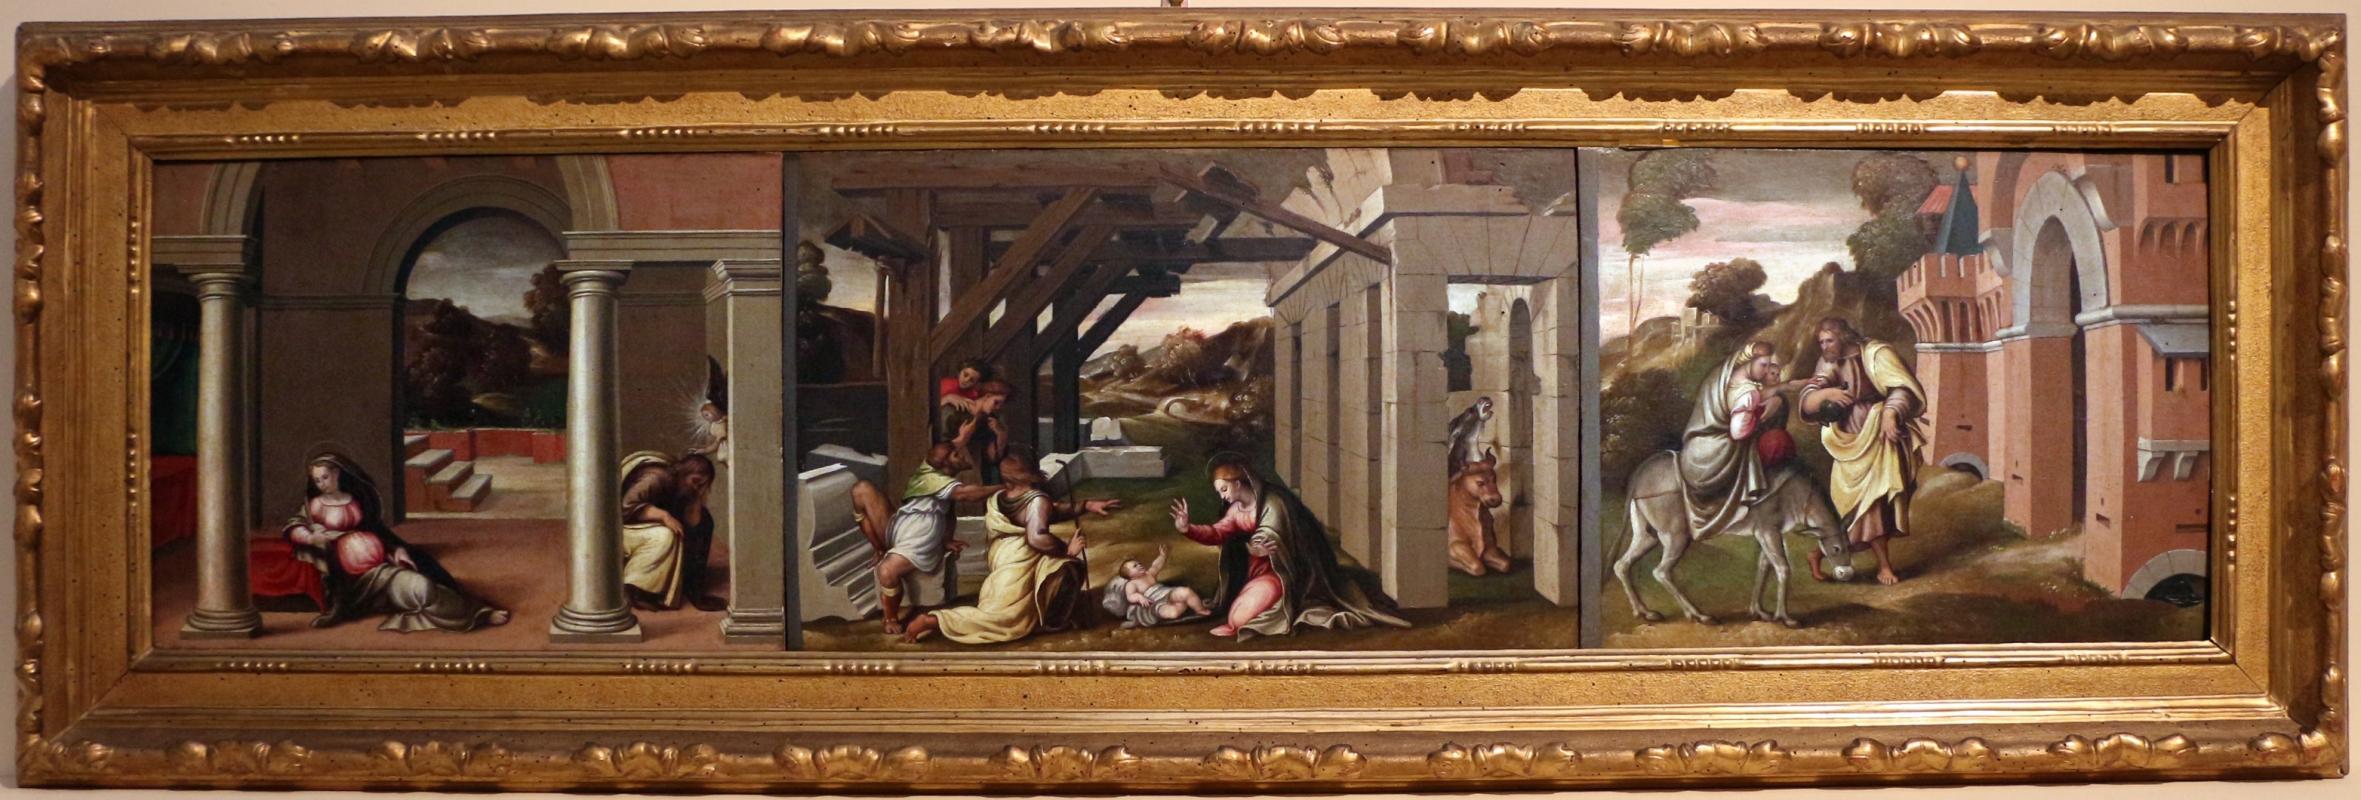 Girolamo marchesi detto il cotignola, predella da s. giuseppe dei cappuccini, 1522-24 - Sailko - Bologna (BO)